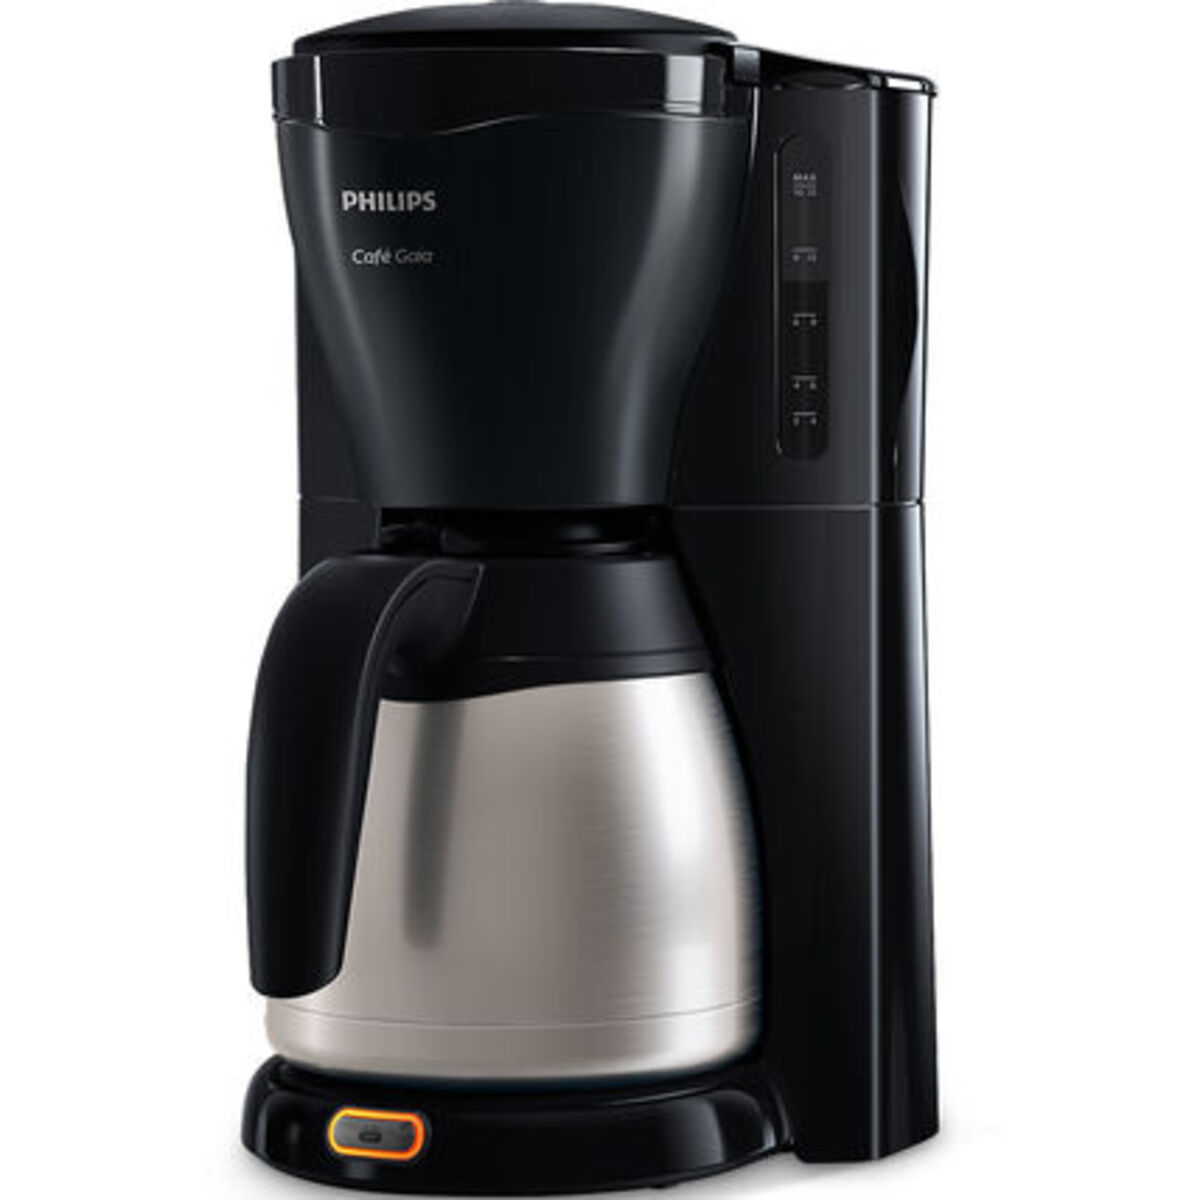 Bild 2 von Philips Thermo-Kaffeeautomat HD7544/20 Café Gaia, schwarz/silber, Edelstahl/schwarz